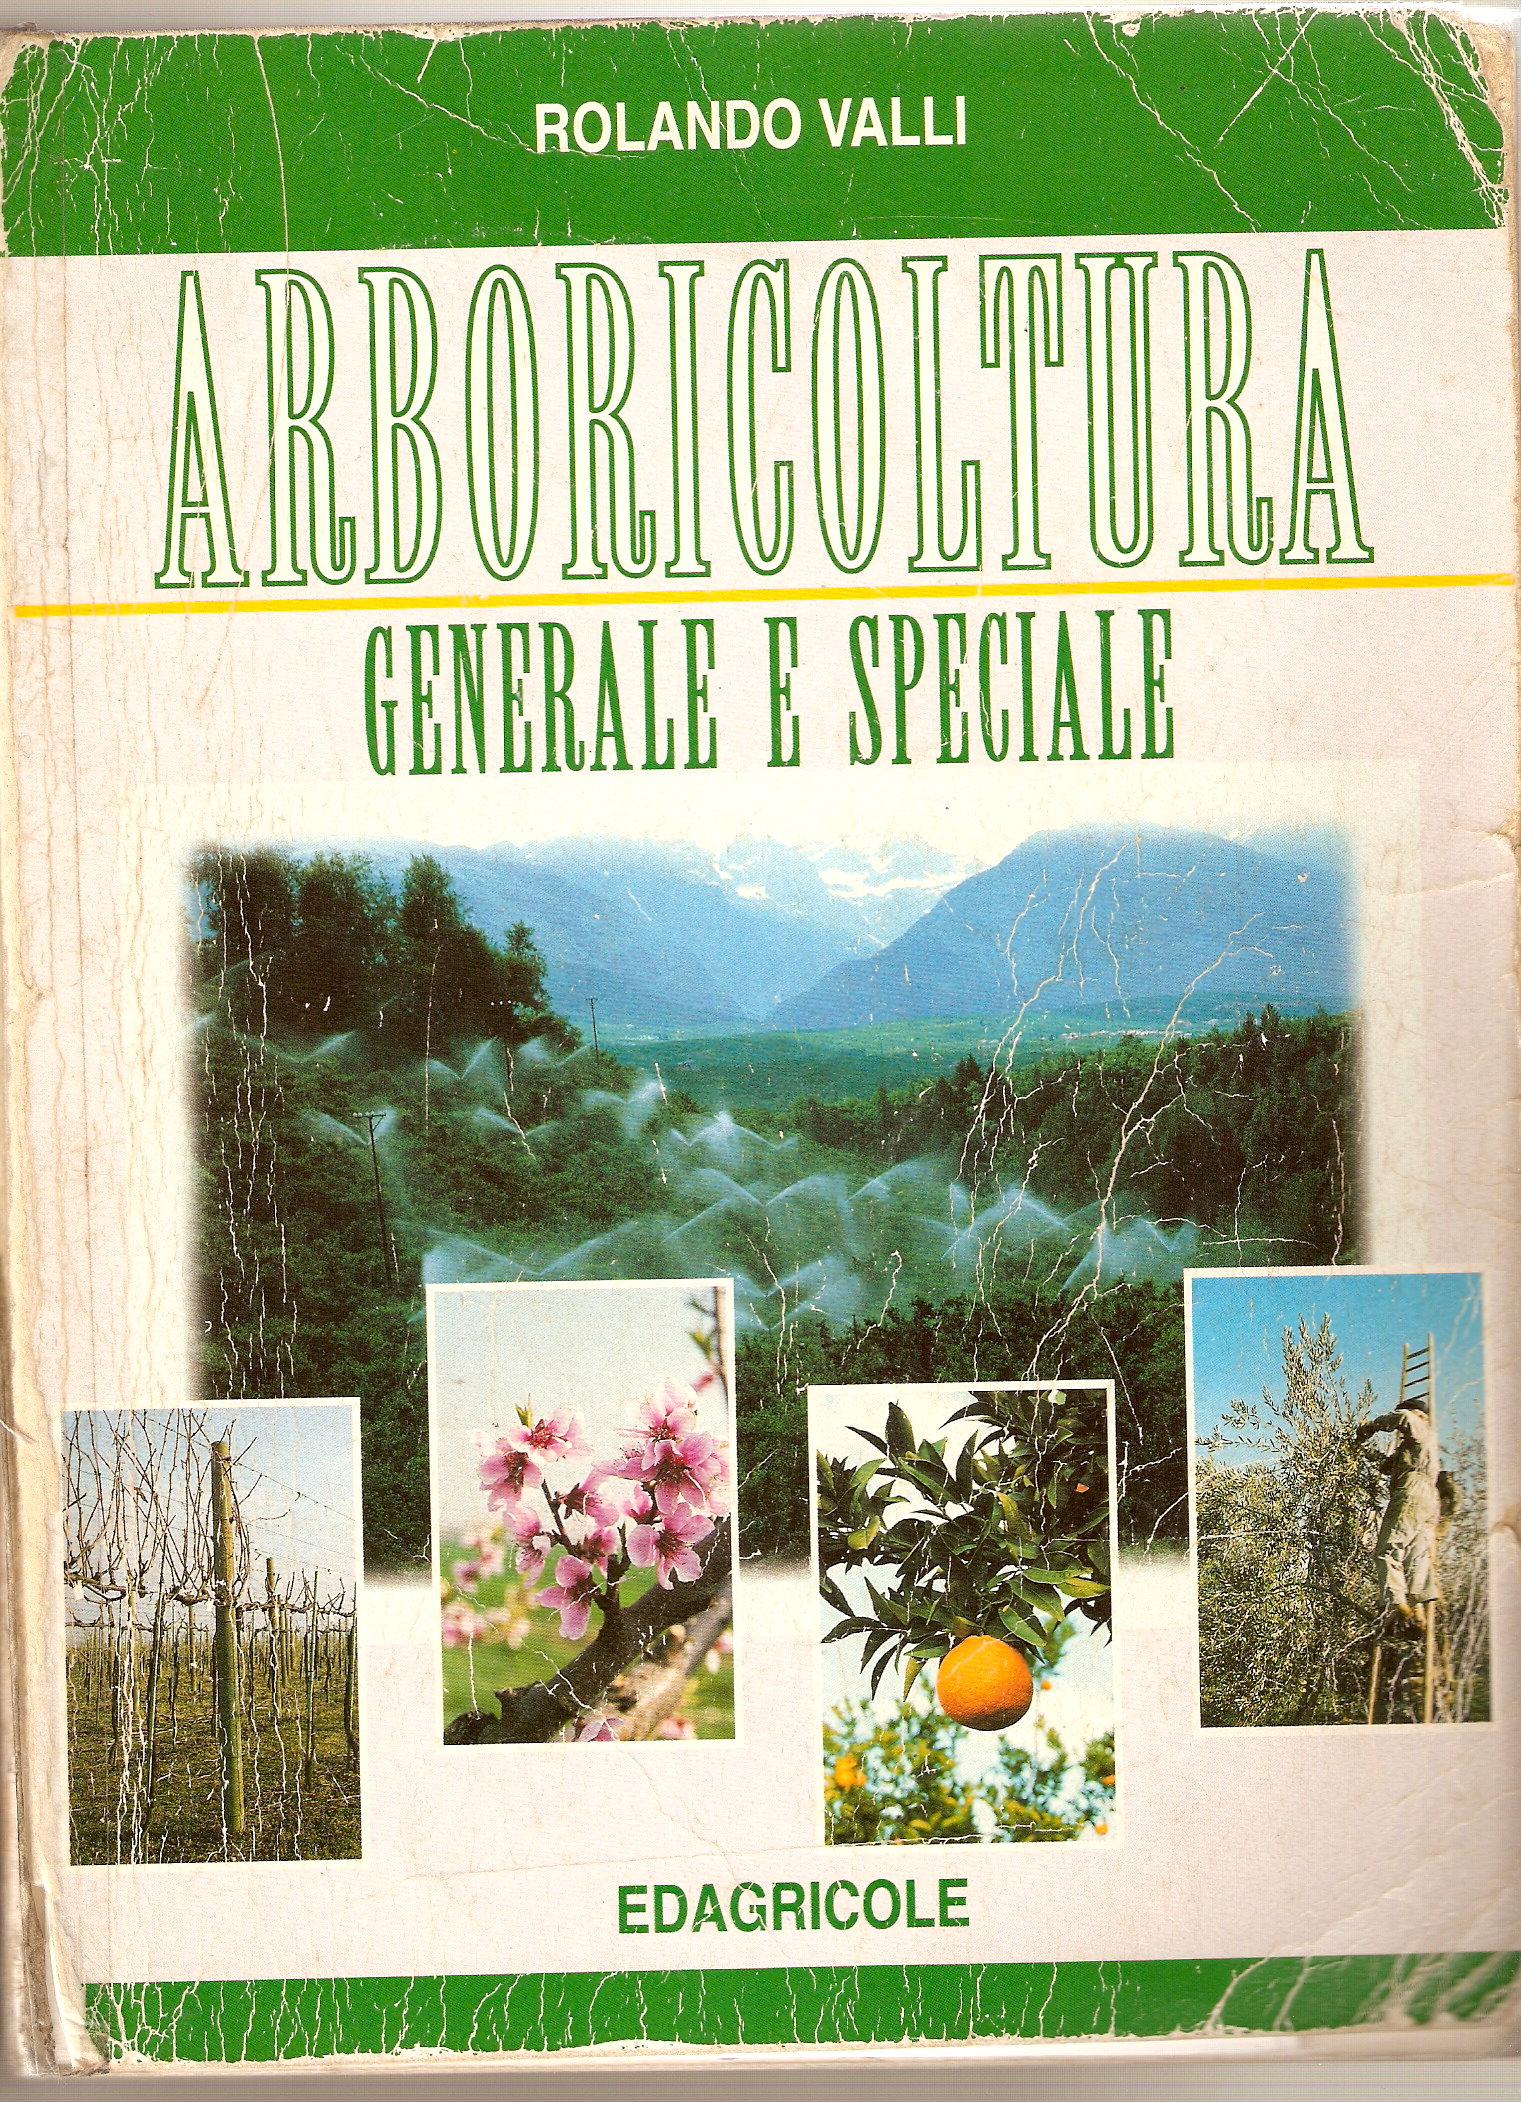 Arboricoltura generale e speciale